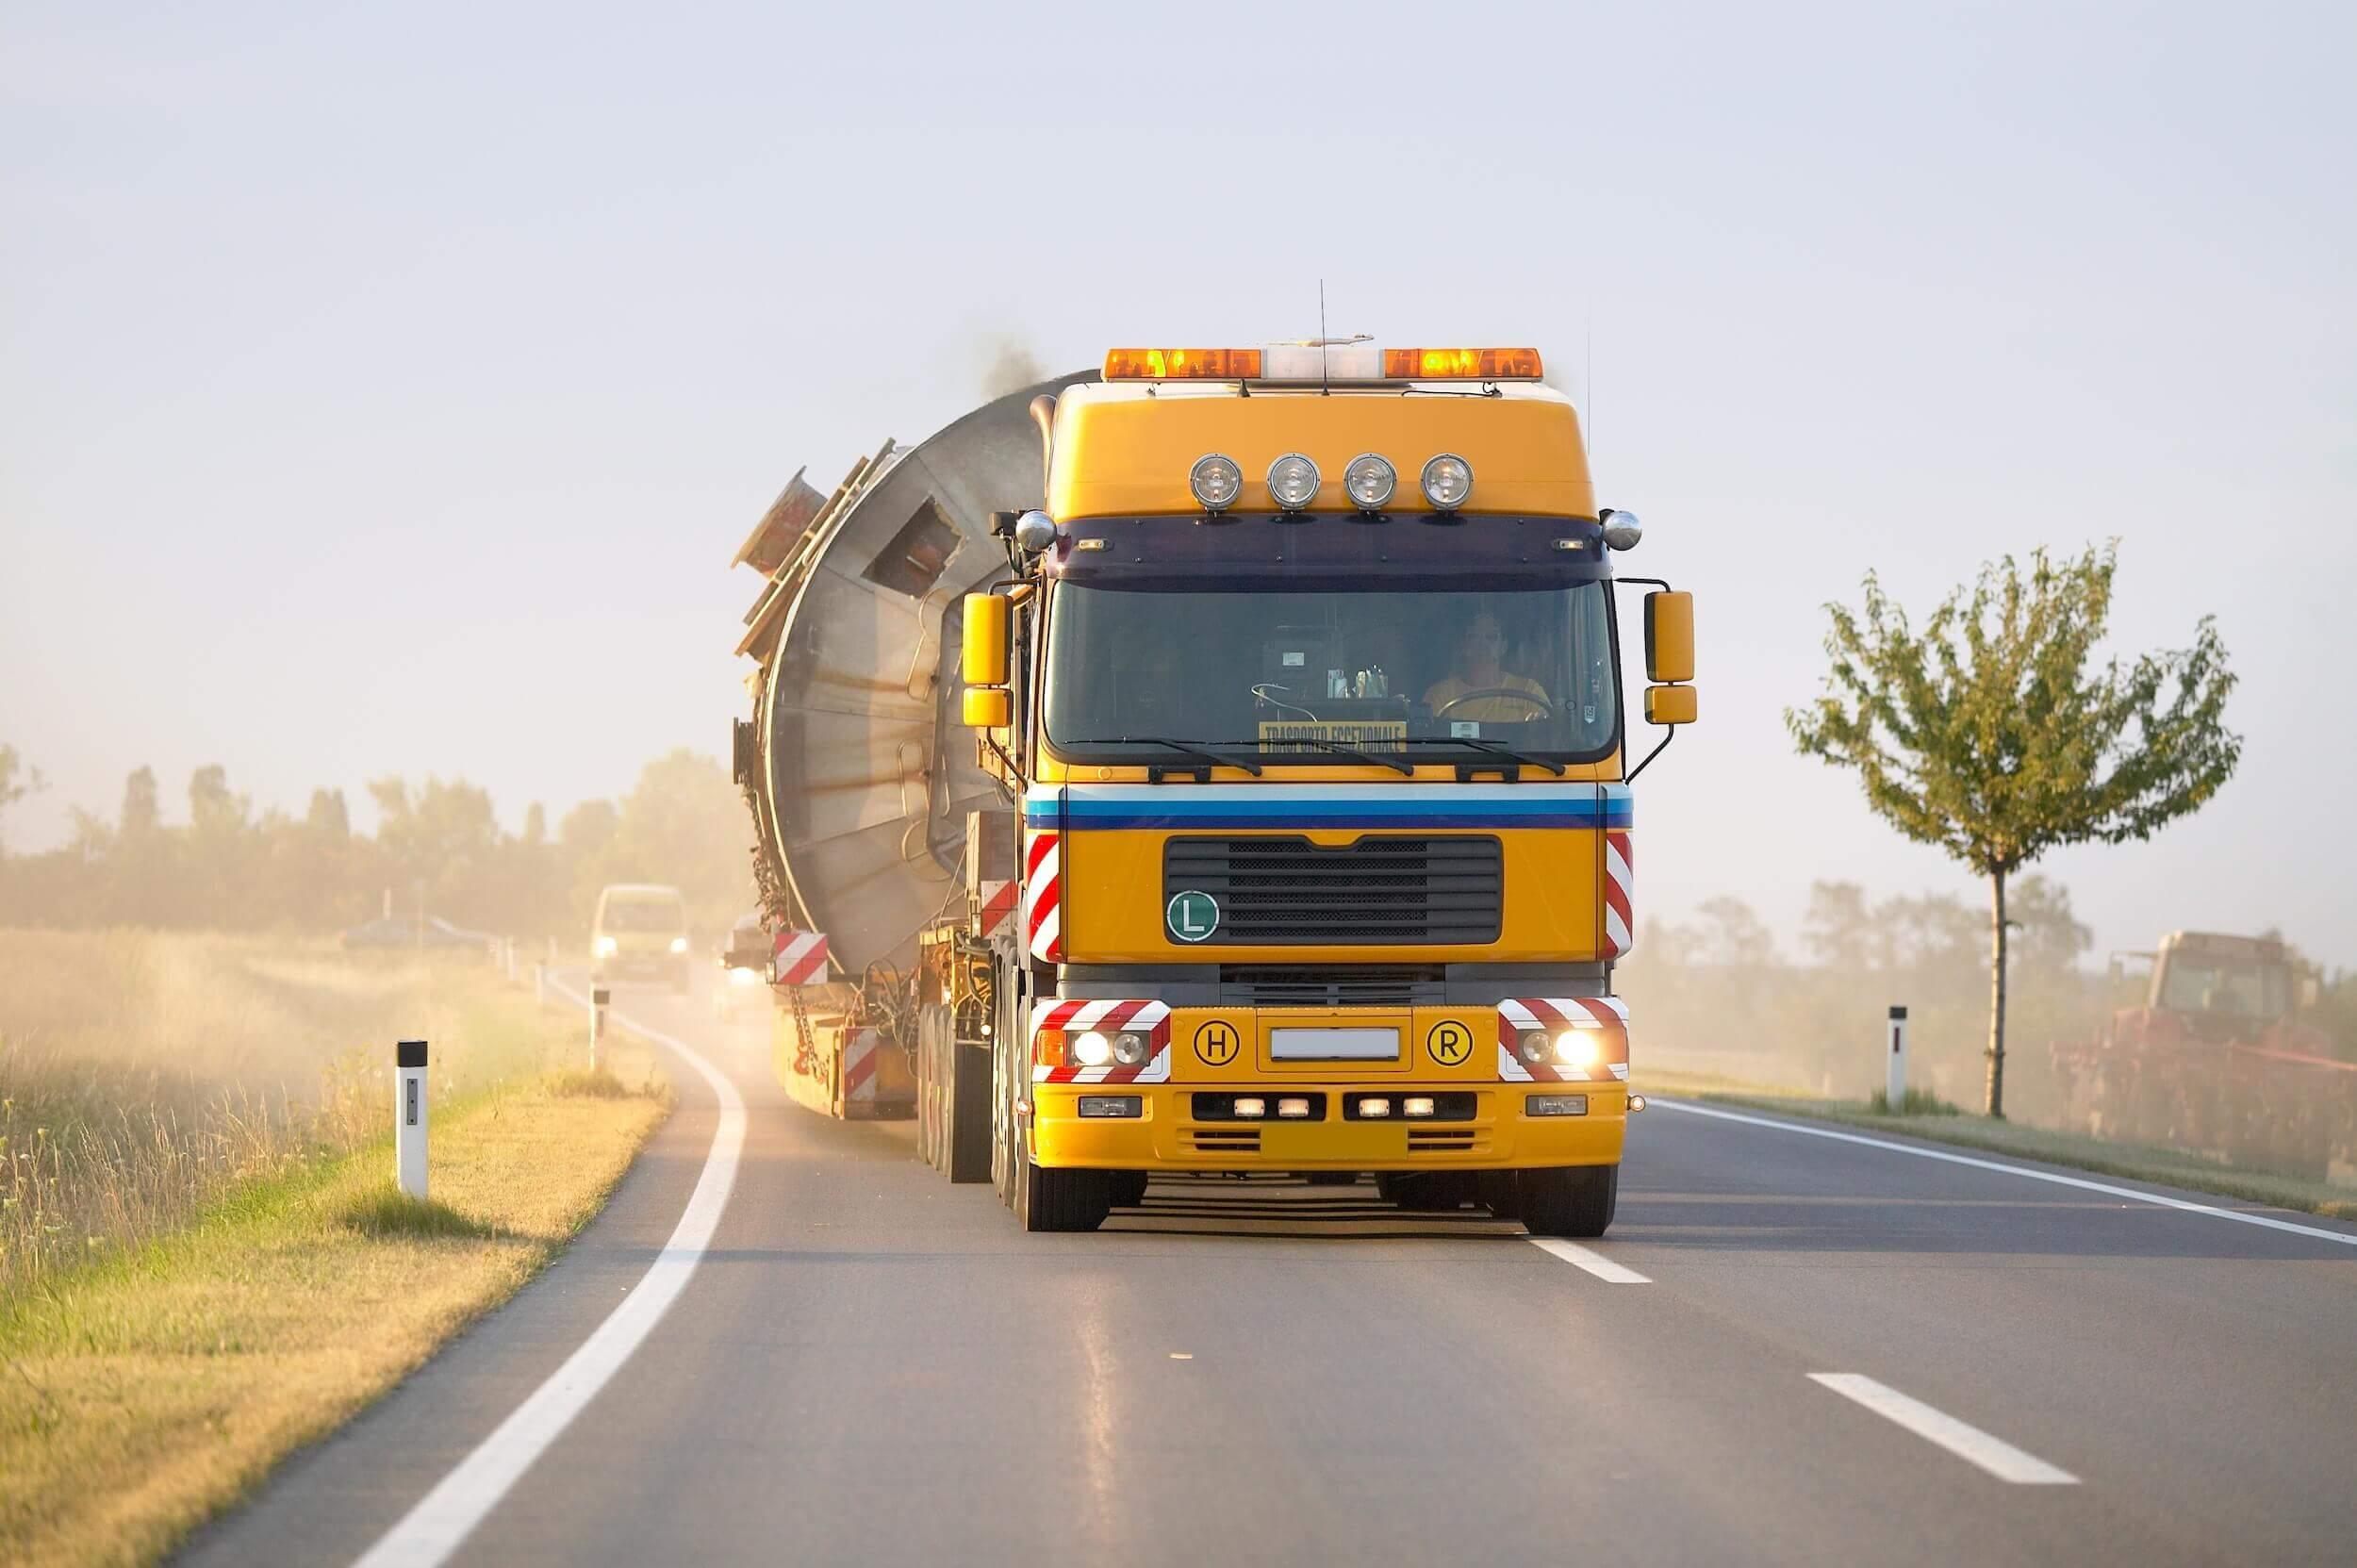 Крупногабаритные перевозки в Алматы: спектр услуг, особенности и правила перевозки грузов